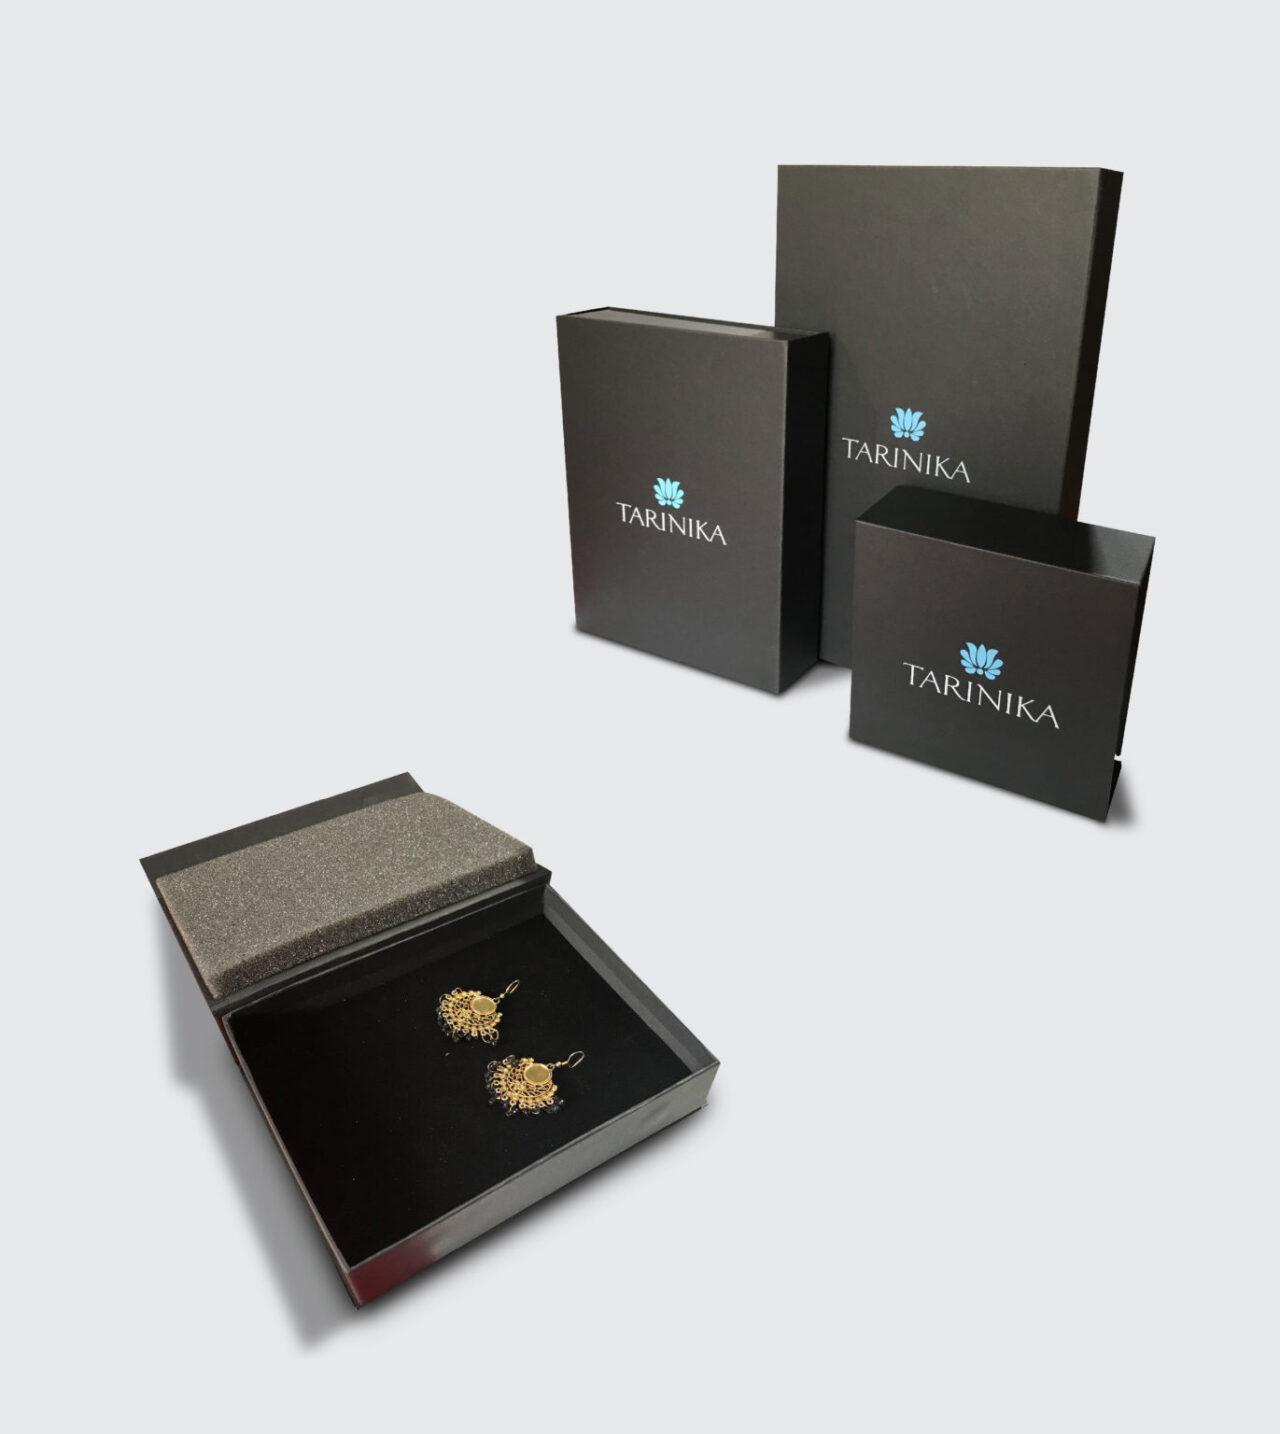 Customised jewellery packaging box - kreatica designs